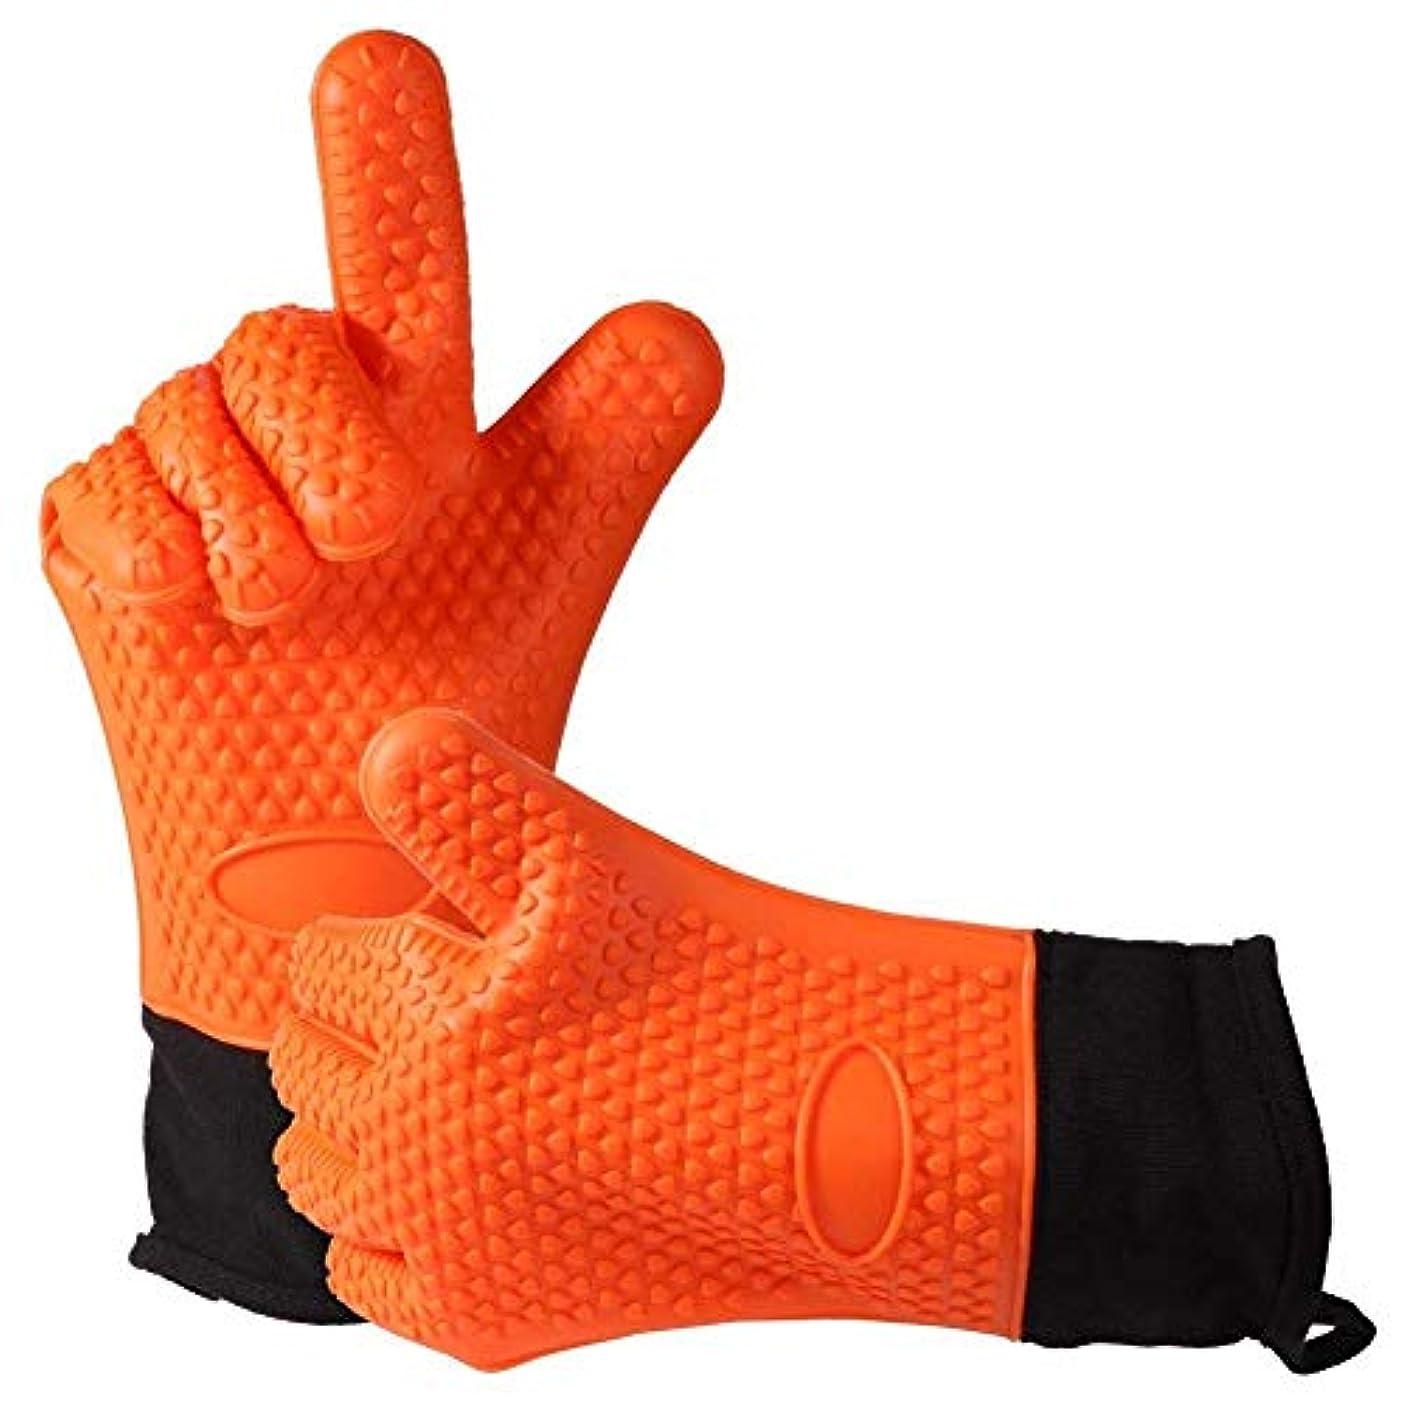 ガムショップ豊かな手袋 耐熱グローブ シリコン ンオーブン 一对